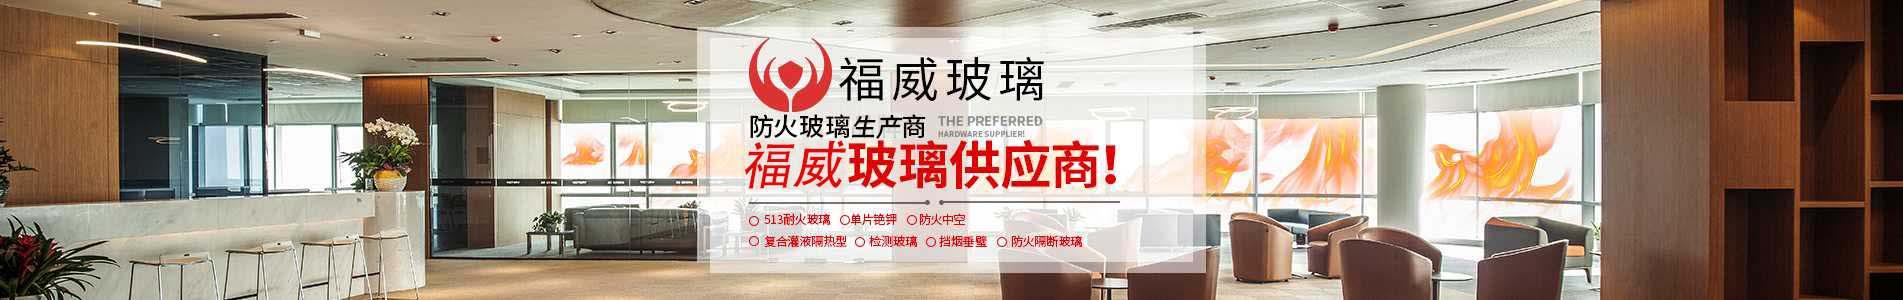 """中国最具价值100强""""榜单出炉,金凯德以71.19亿品牌价值登上榜单"""